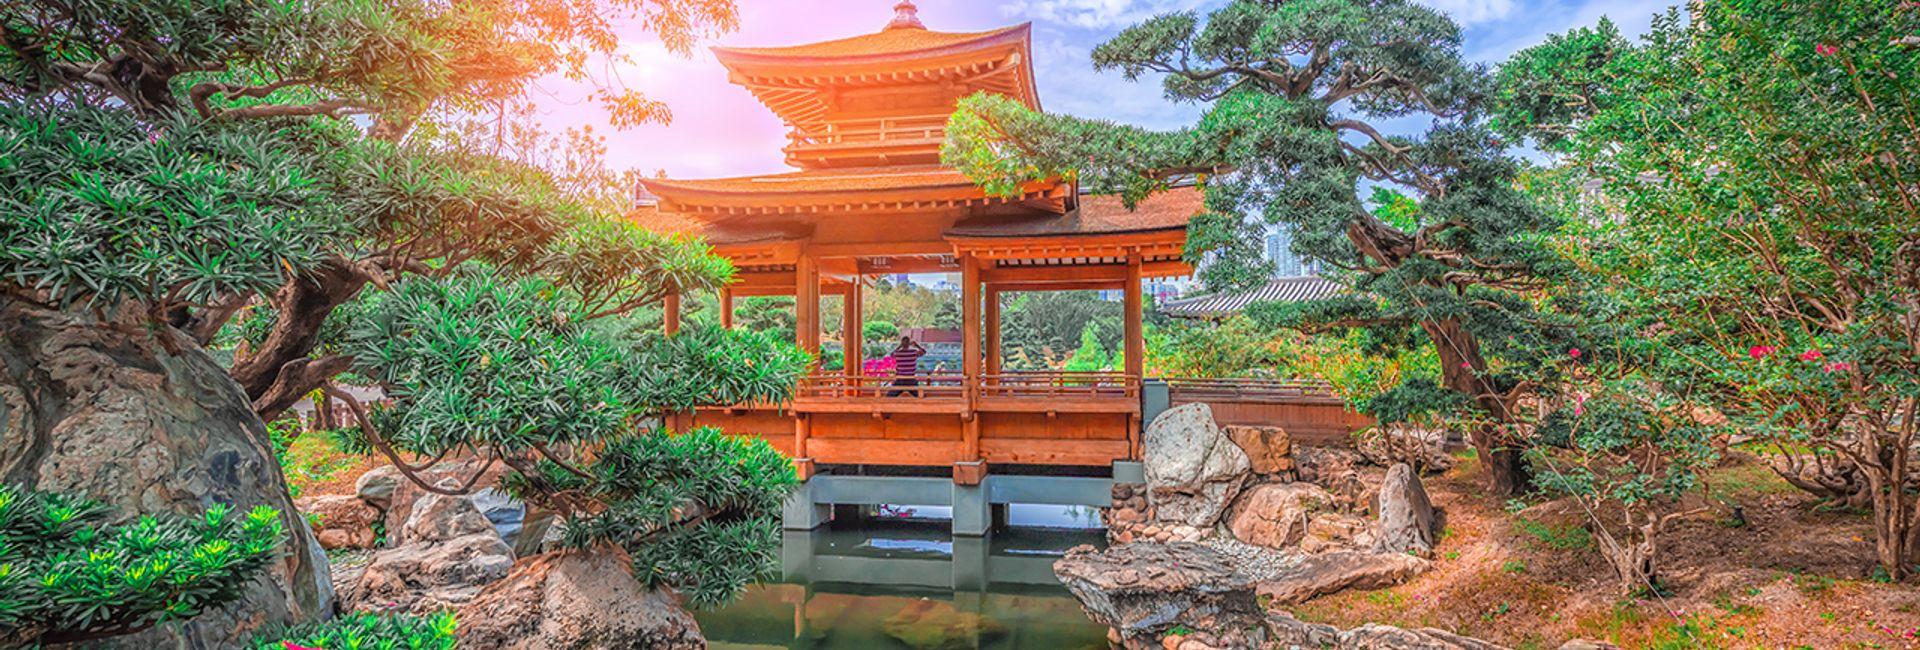 Top 10 ngôi đền có kiến trúc độc đáo nhất Hồng Kông